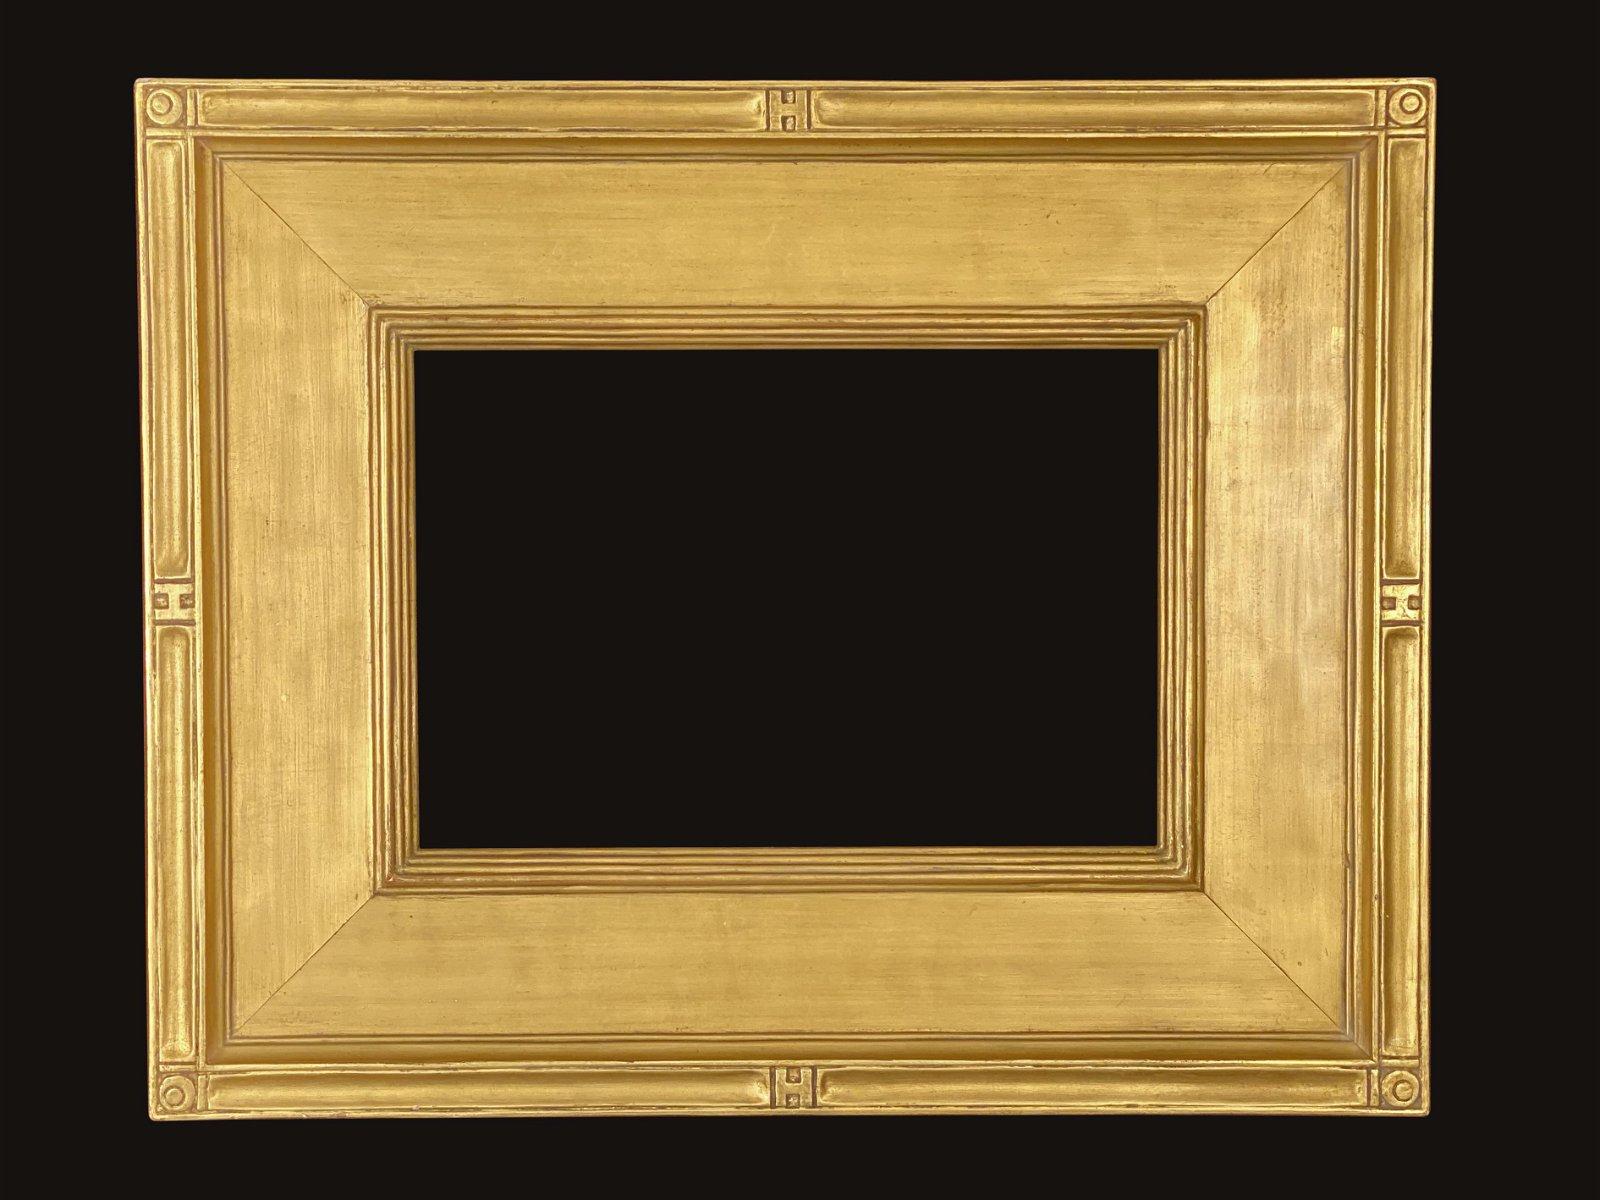 Eli Wilner Frame, Amer c. 1910 Style, Ex. Hassam